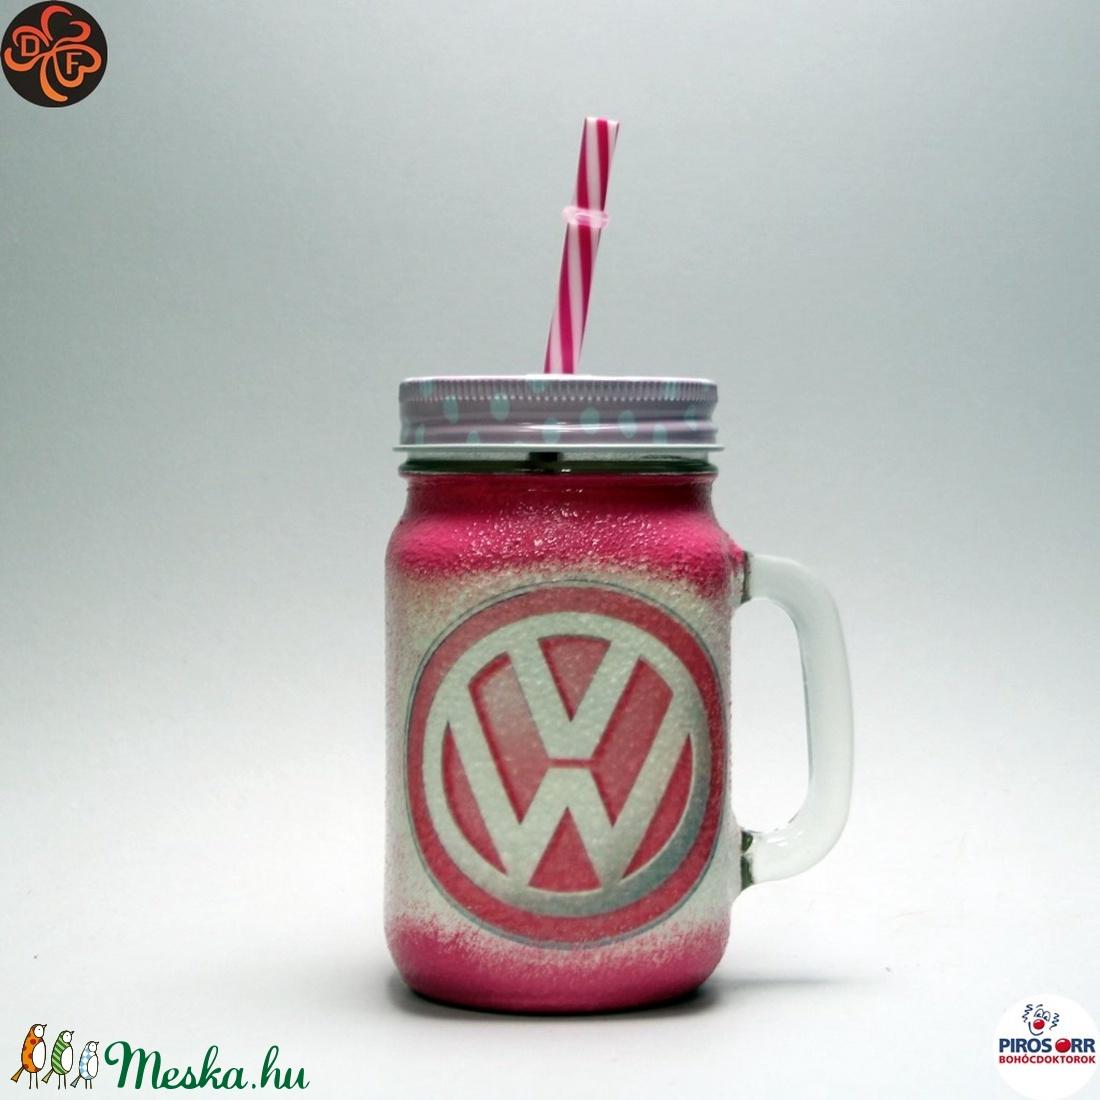 VOLKSWAGEN üdítős pohár ; Volkswagen autód fényképével is! - Meska.hu